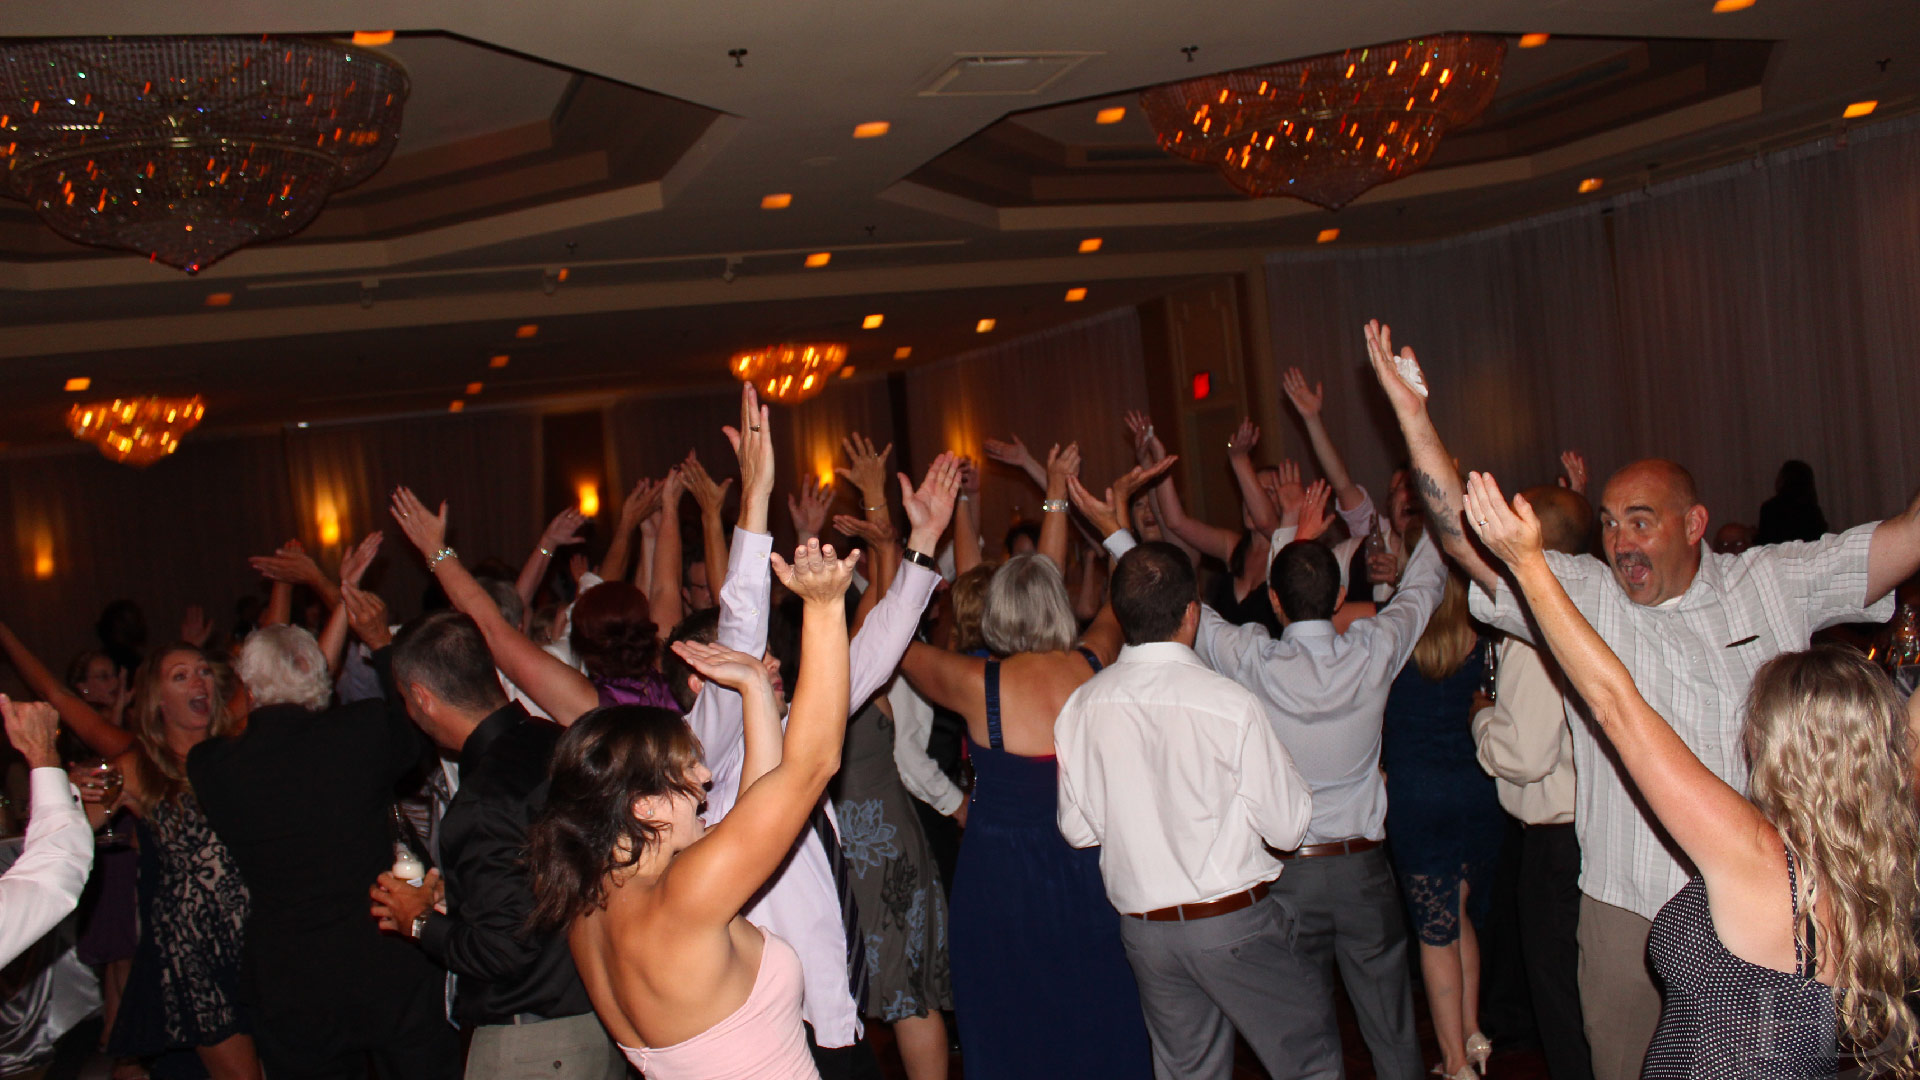 People Packed Dance Floor